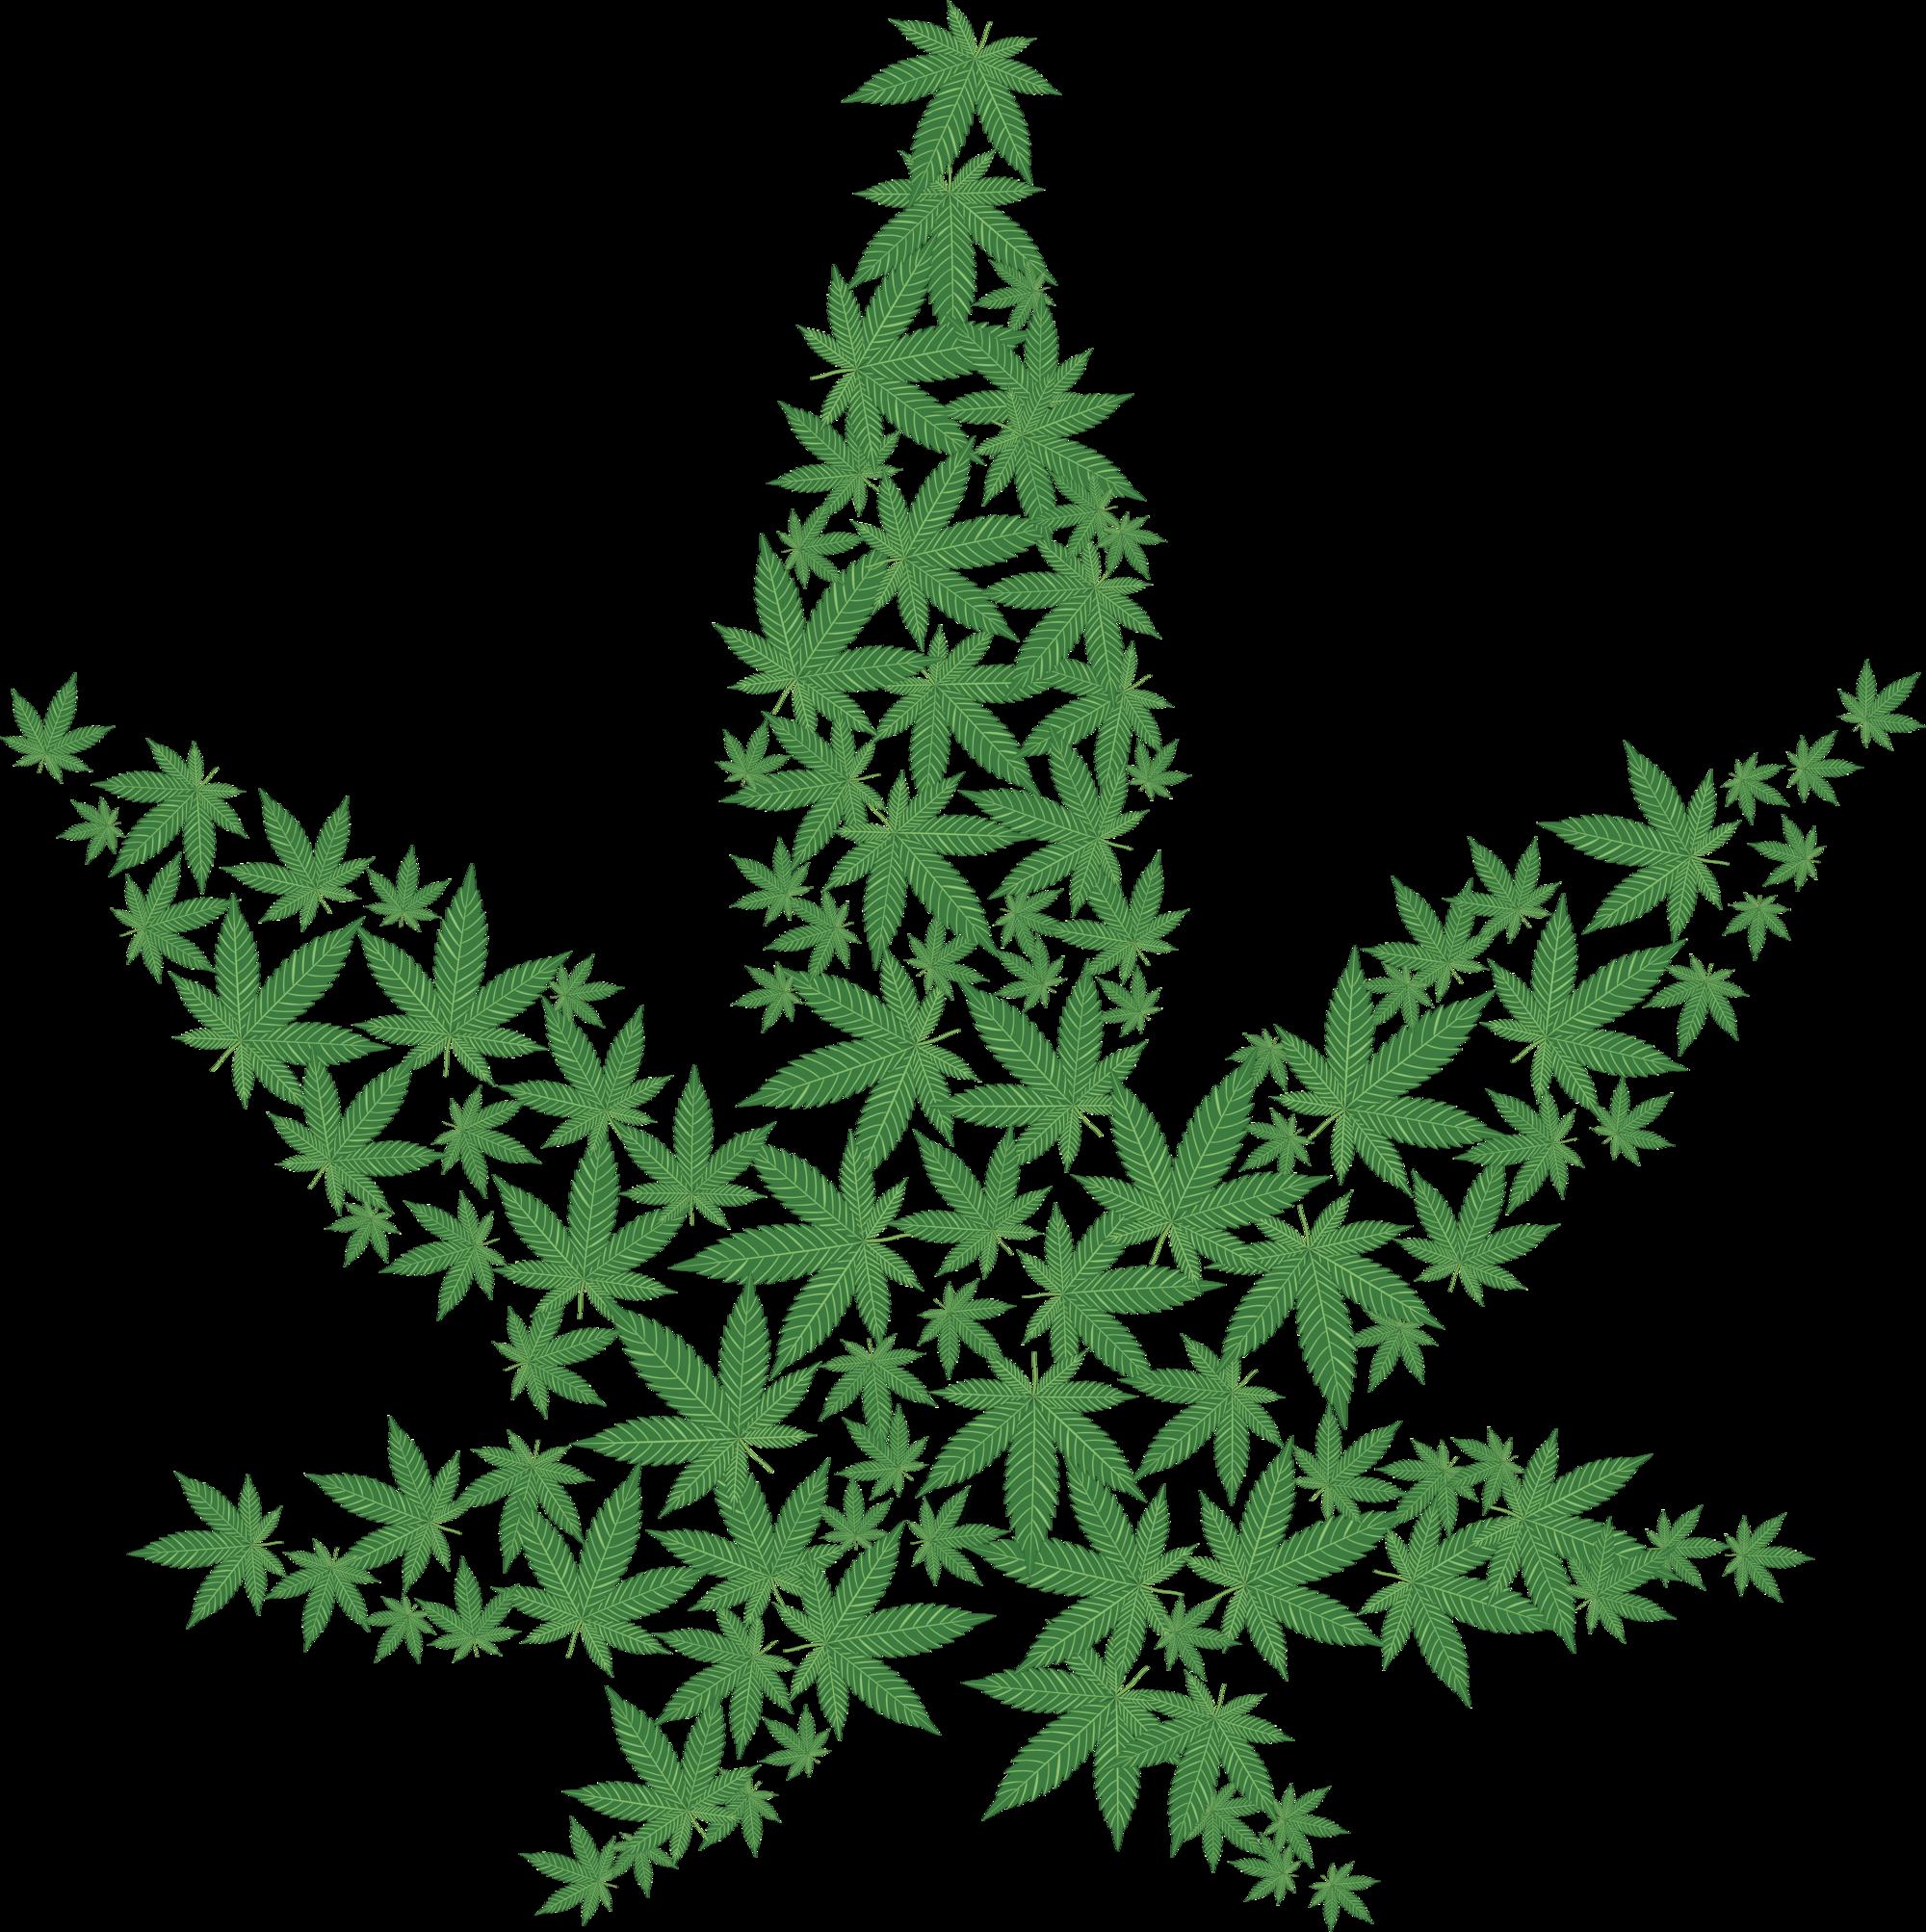 Pot Cannabis Marijuana Leaf Png HD Iloveimg Resized